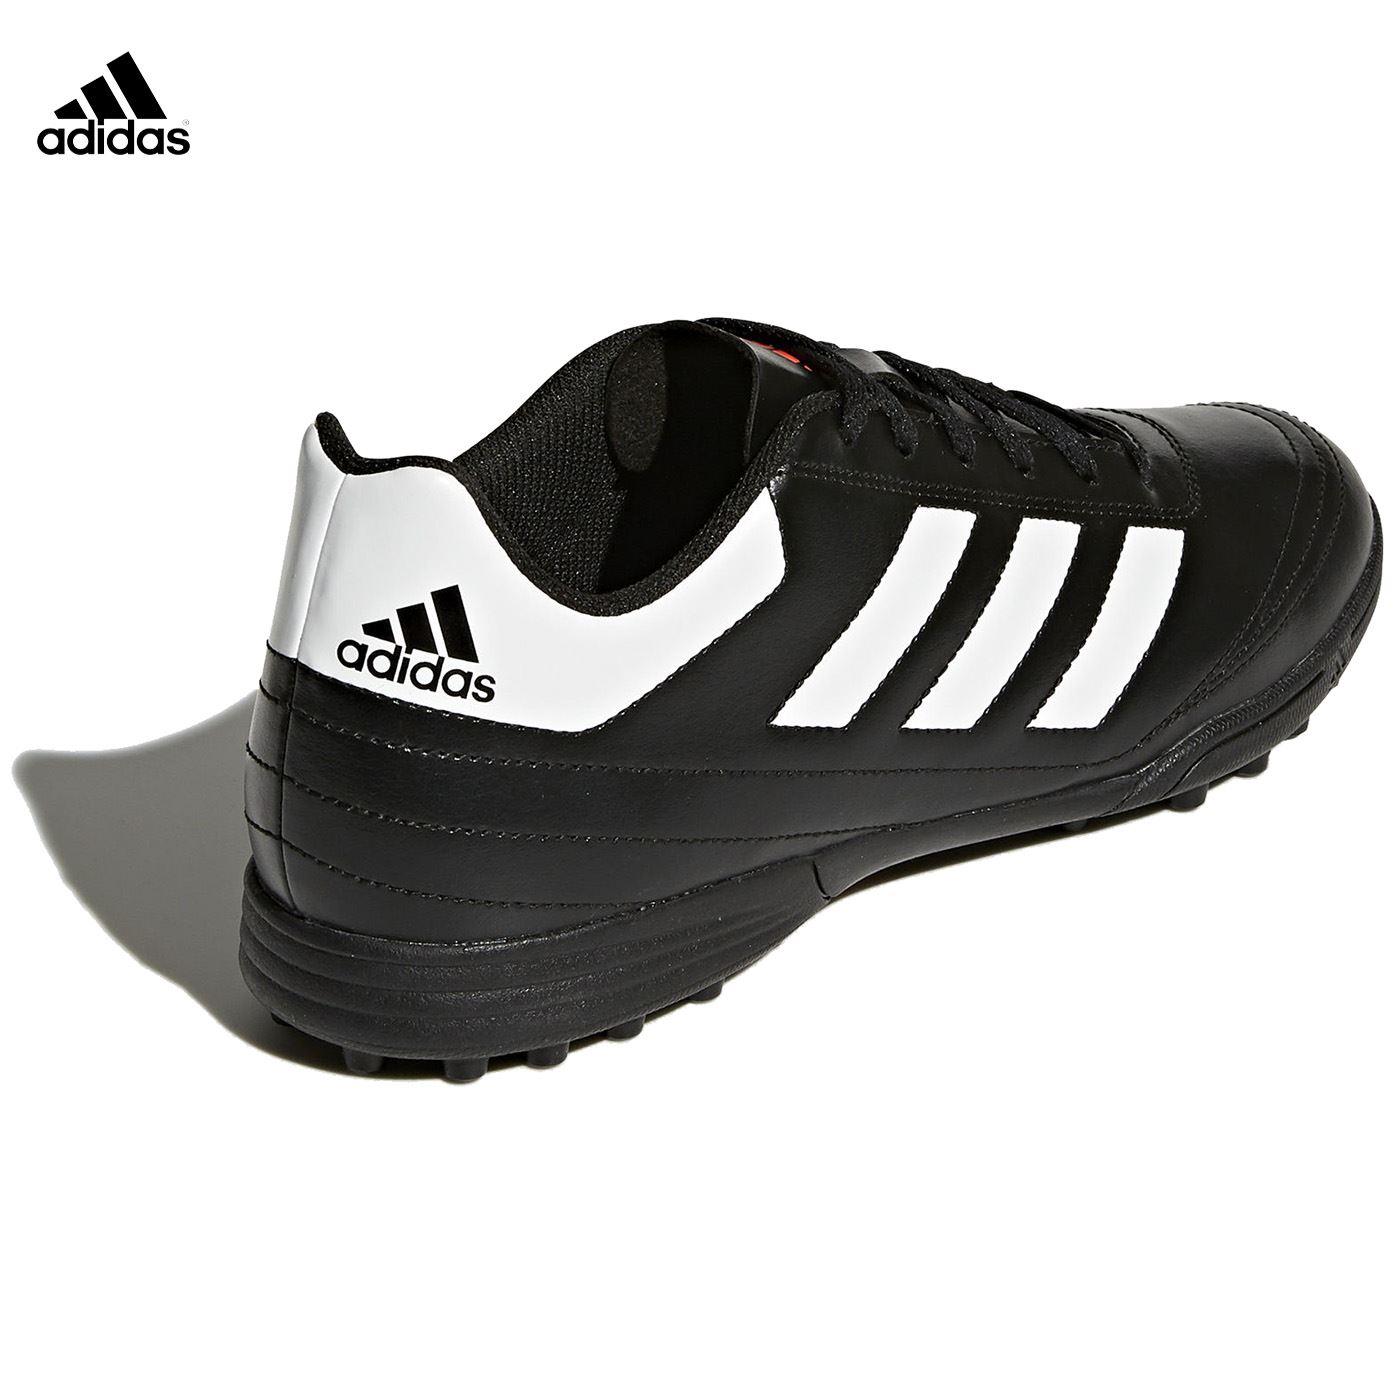 da2736efa1933 Adidas - Zapatilla Goletto VI TF Negro y Blanco